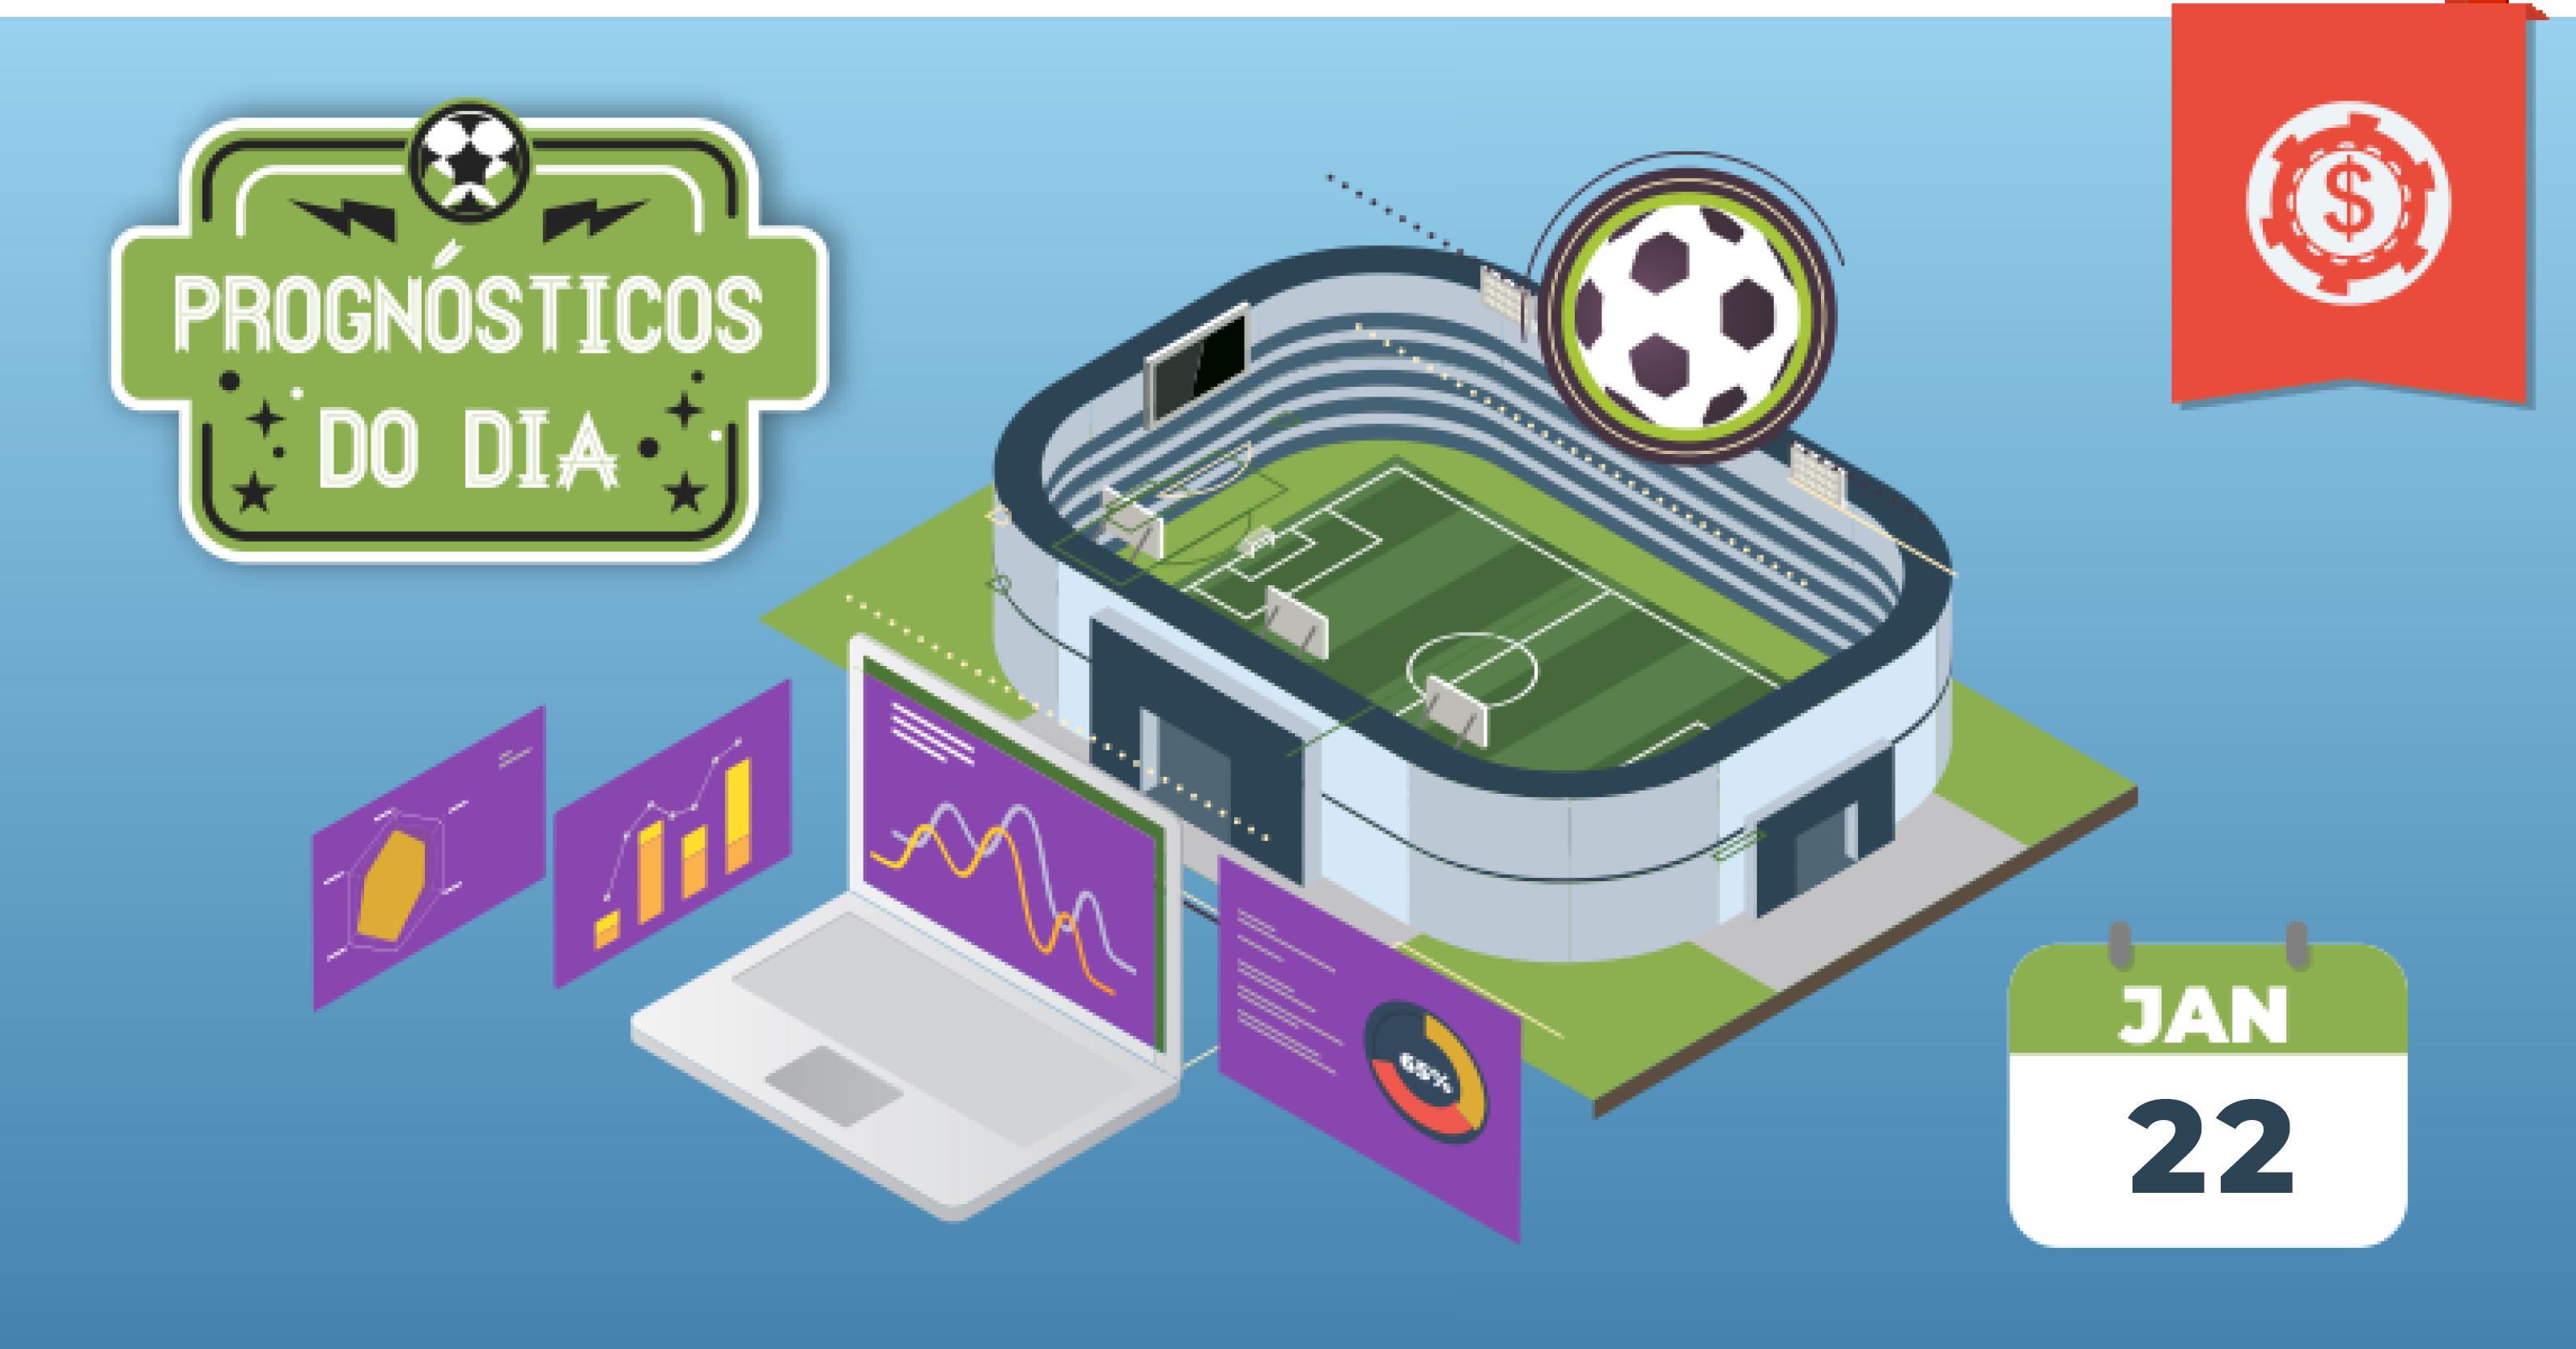 palpites-futebol-hoje-prognosticos-22-janeiro-2020